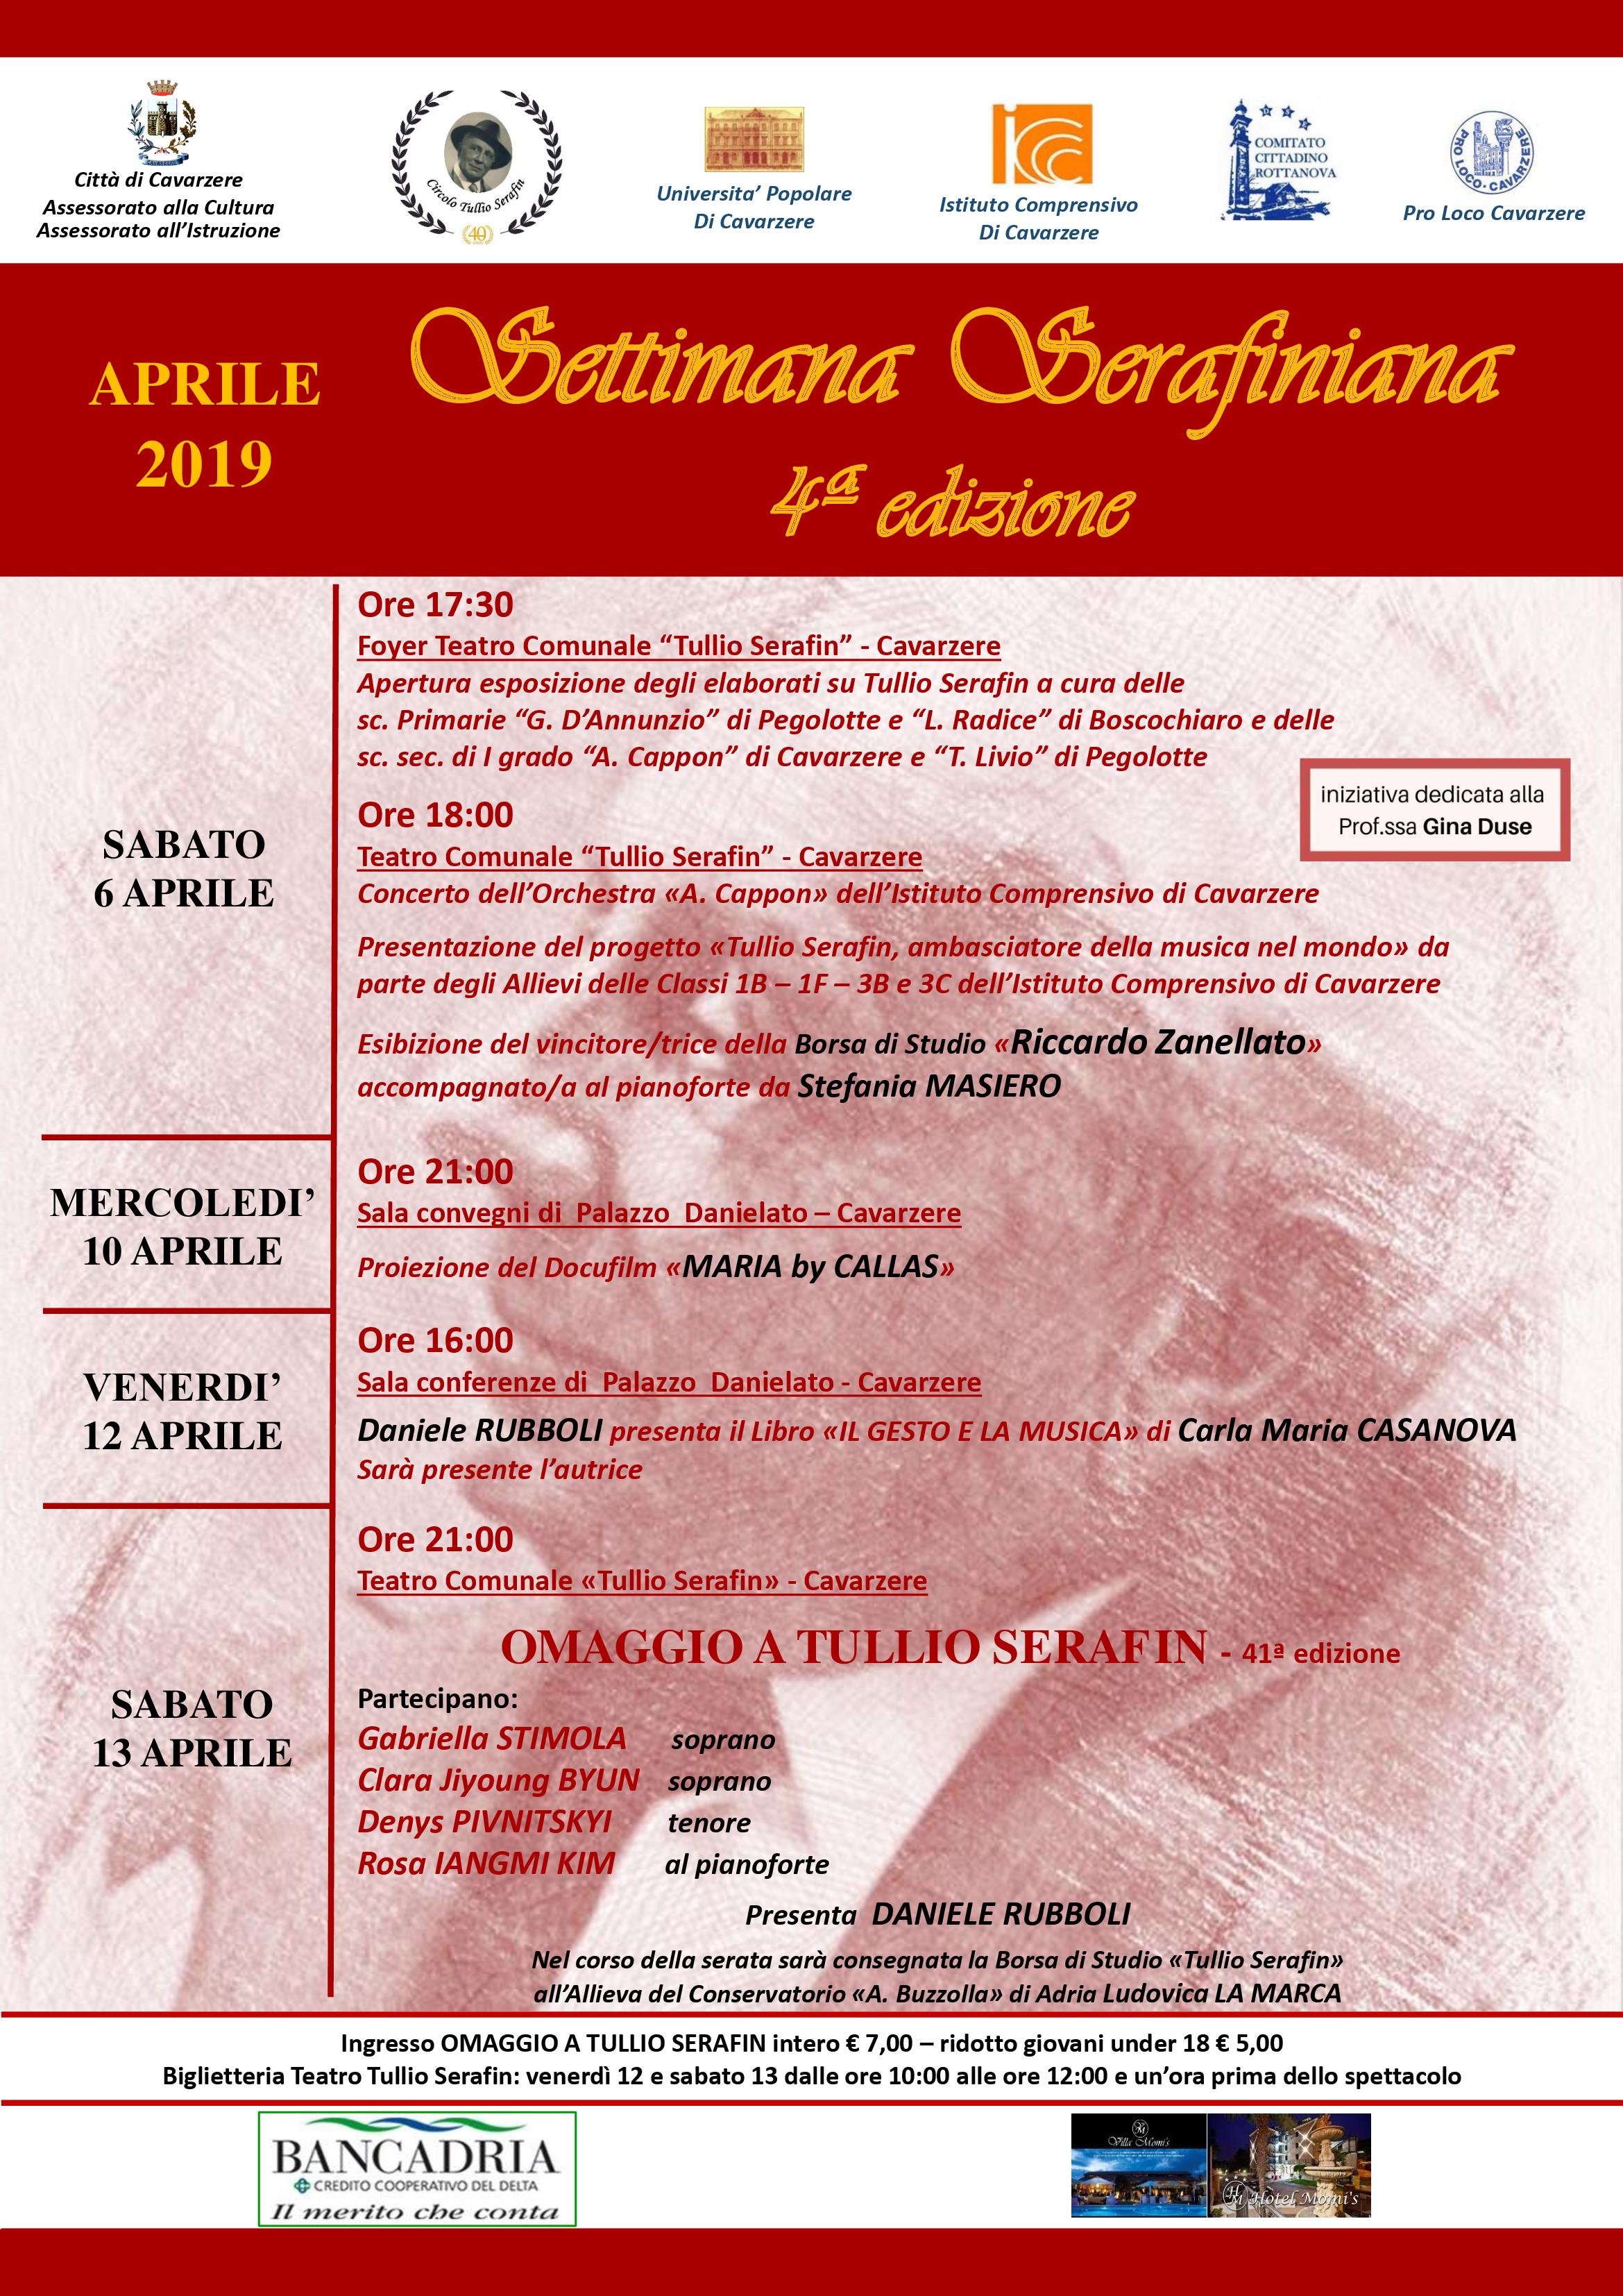 Settimana Serafiniana, dal 6 aprile l'edizione 2019